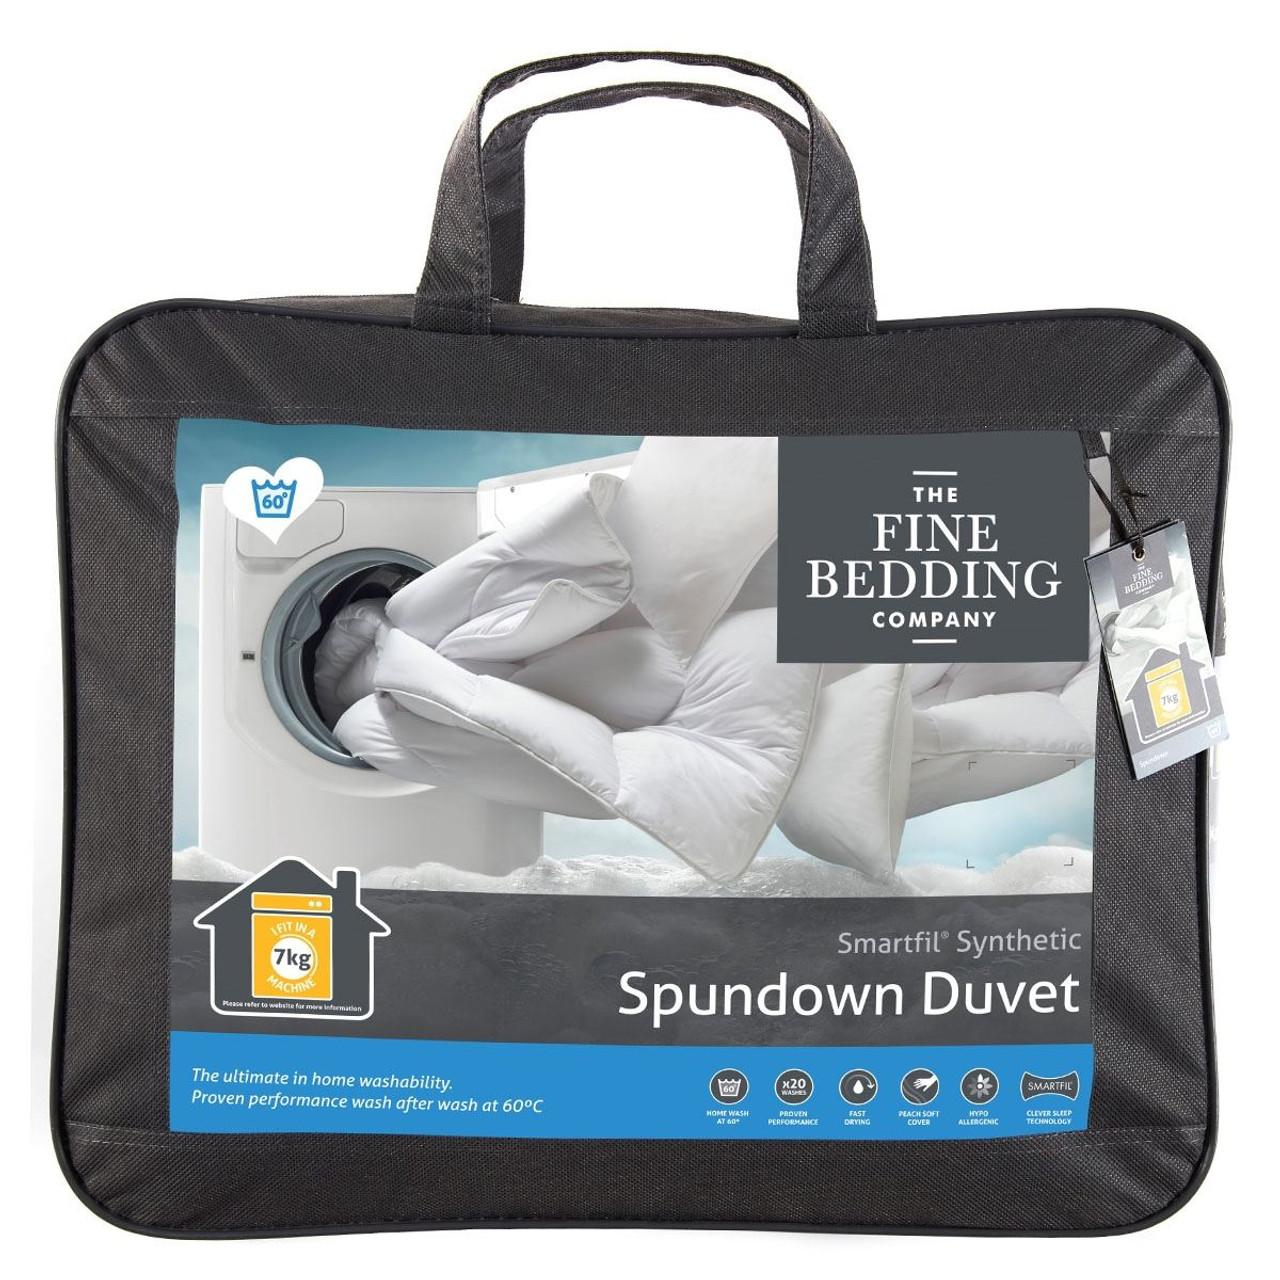 Fine Bedding Spundown Duvet Packaging